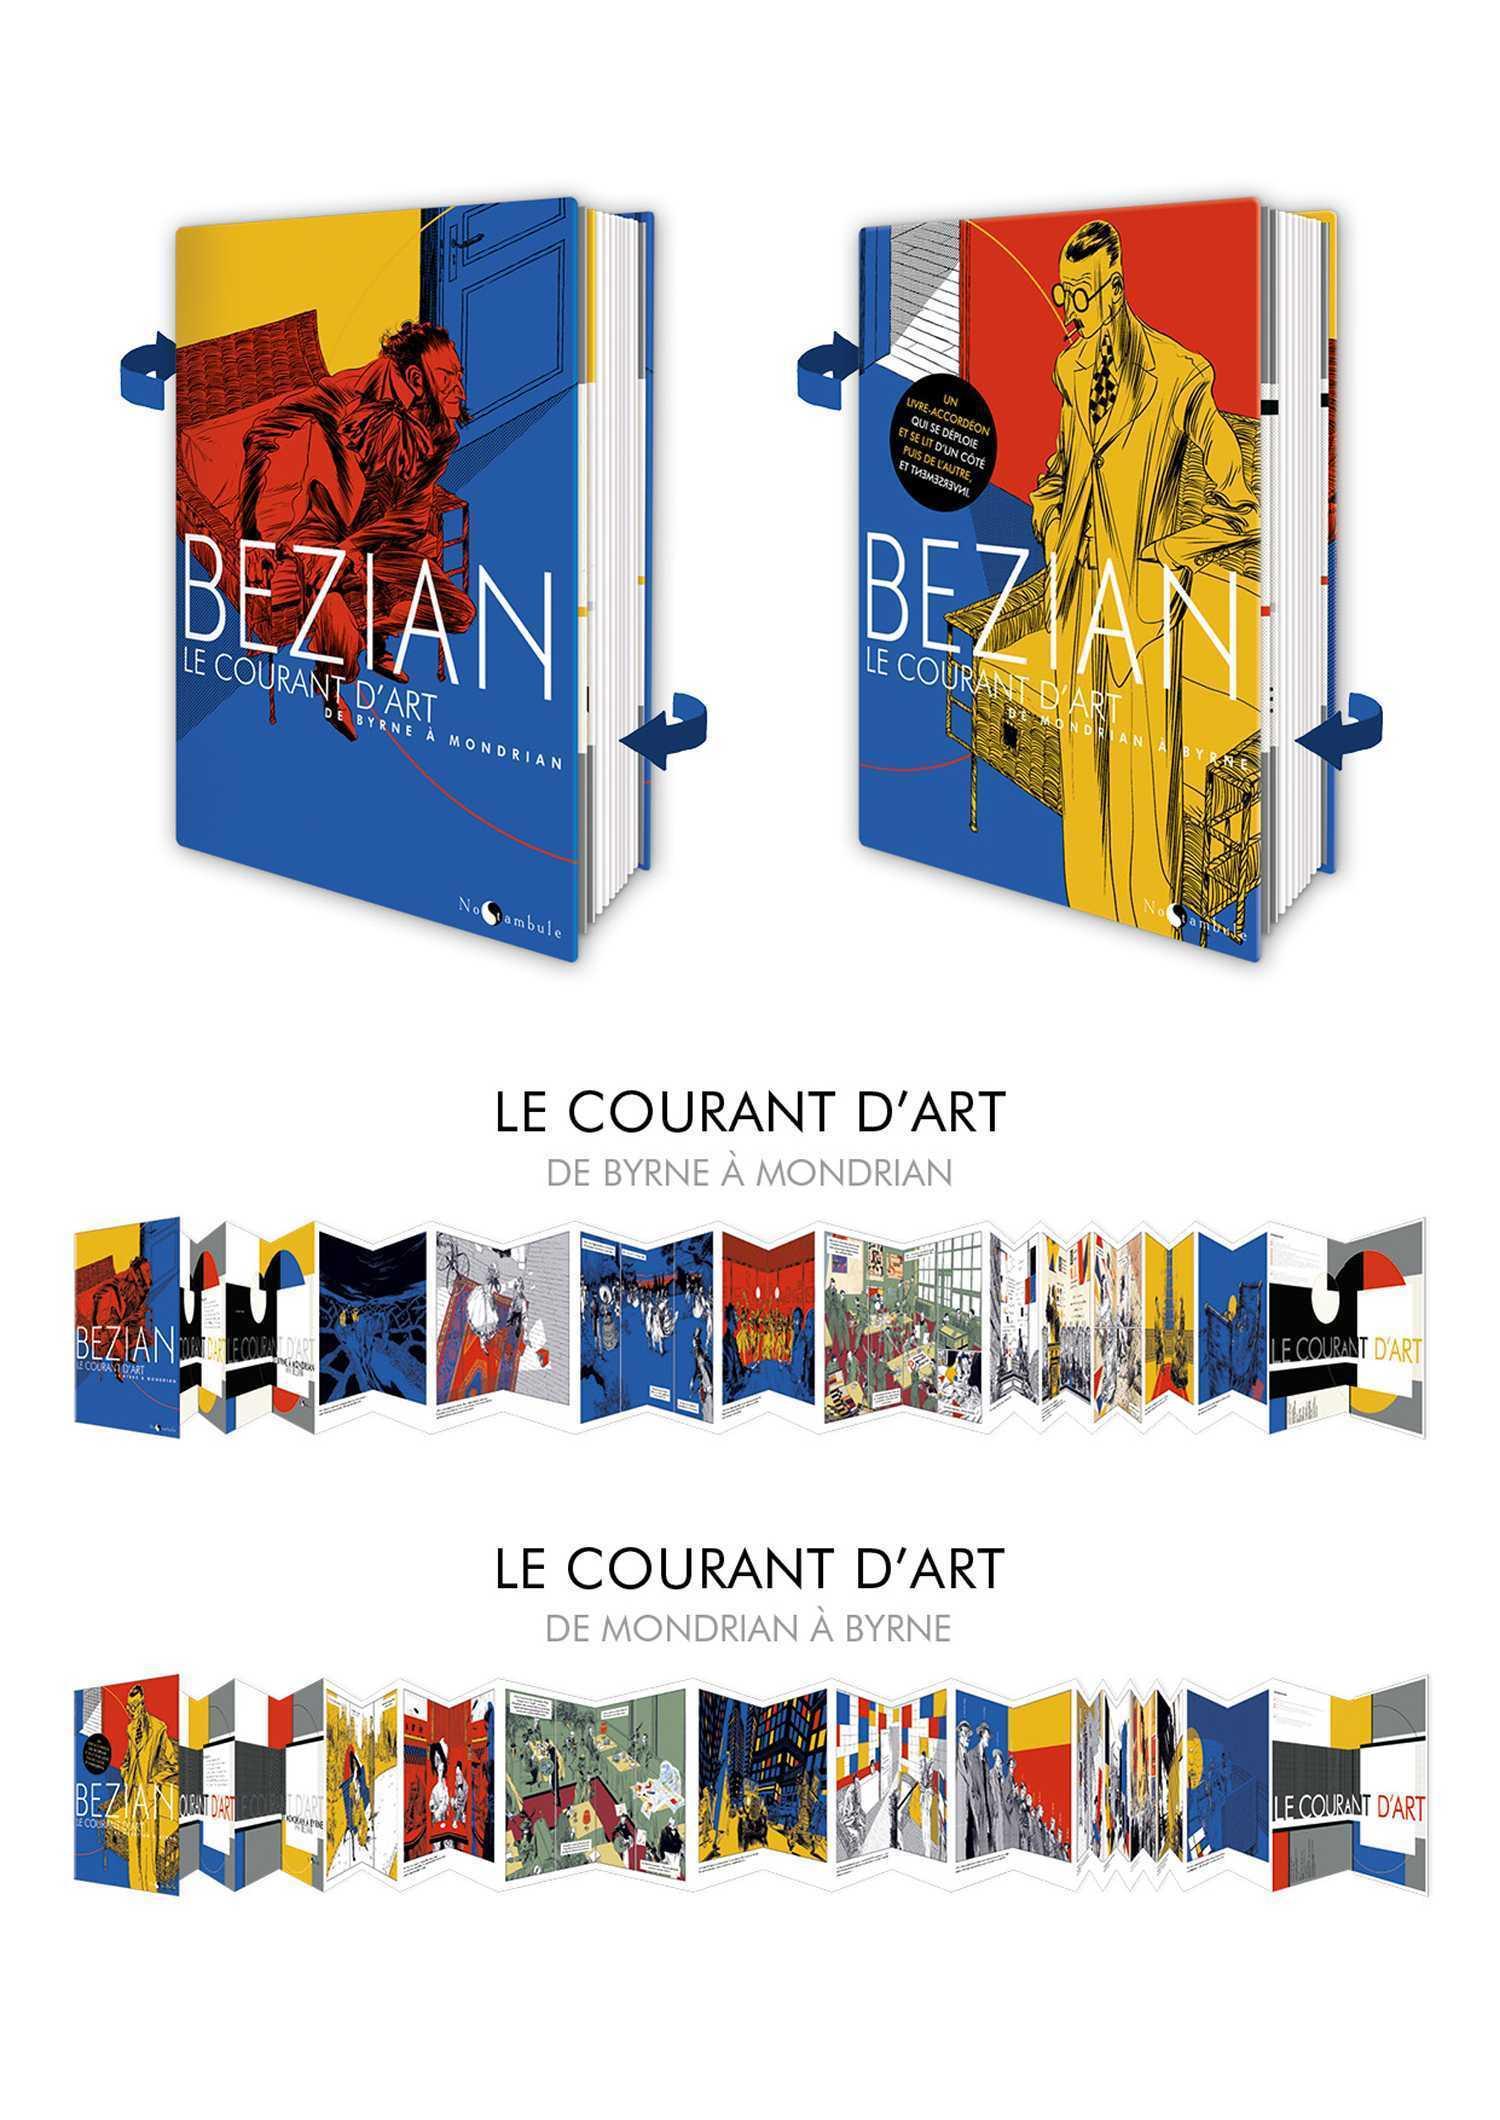 Le Courant d'Art, Bézian rassemble Byrne et Mondrian